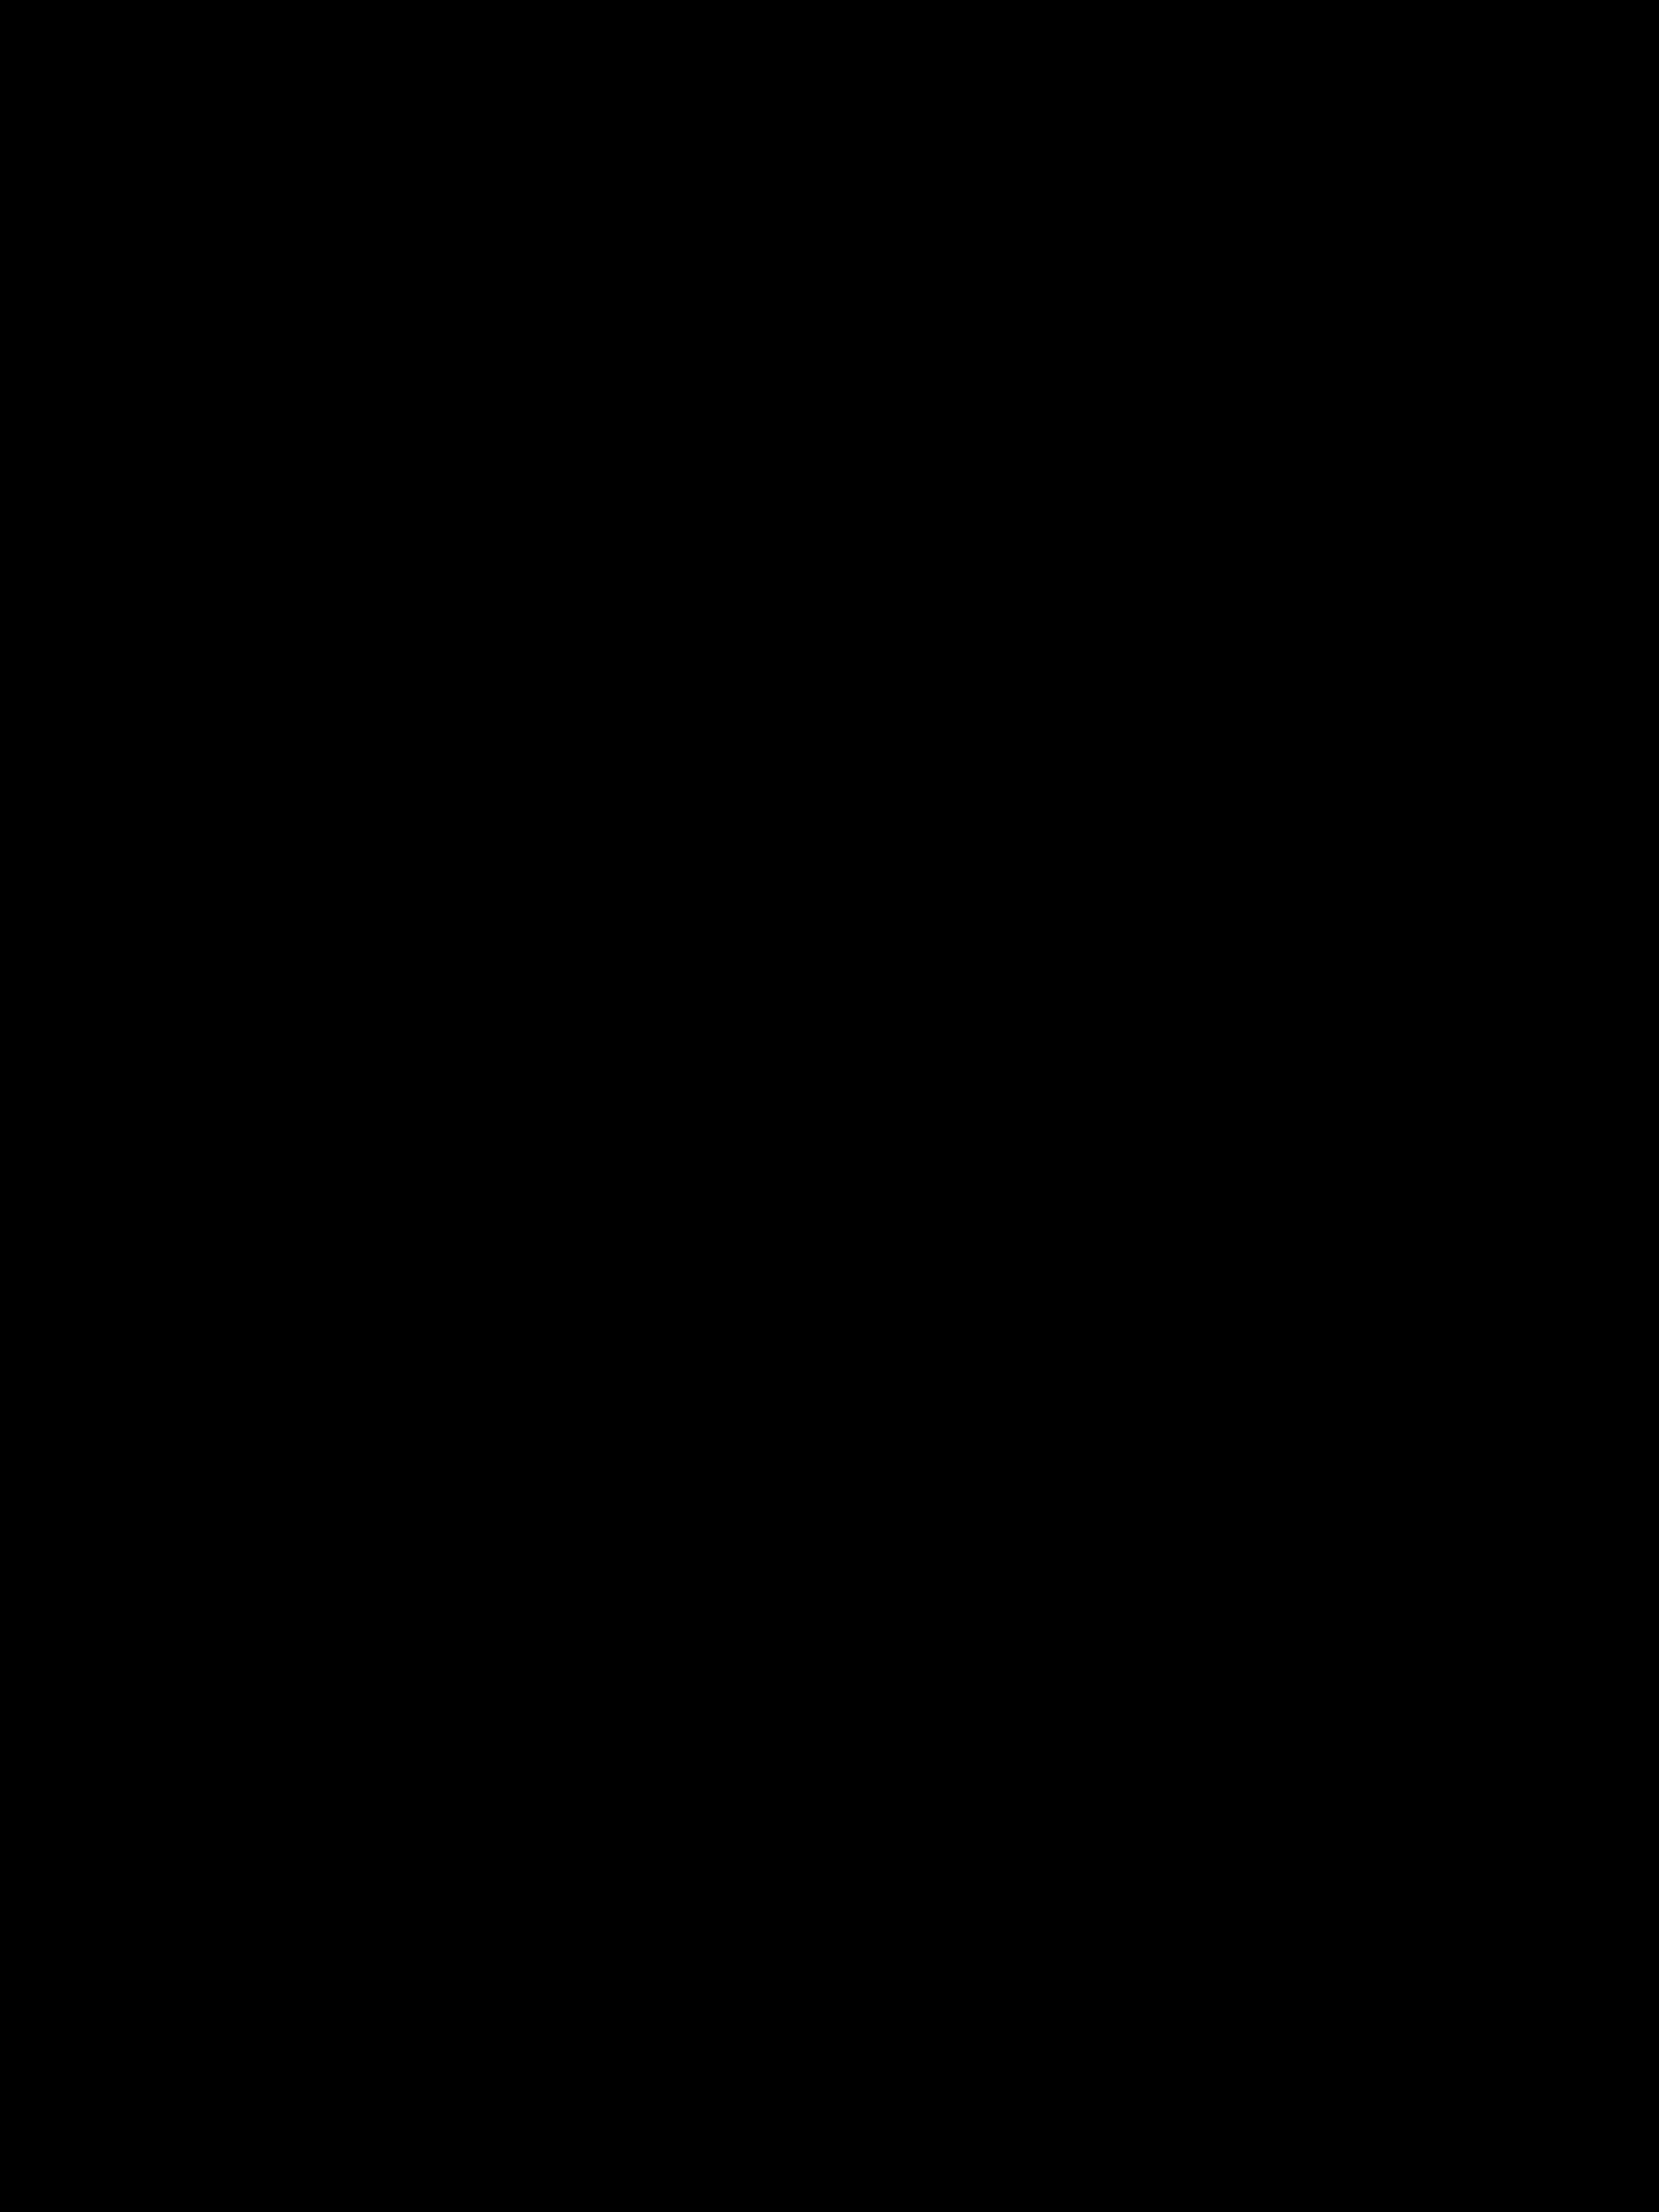 Kaltkreissäge MEP-Falcon-315 – 19-03-033